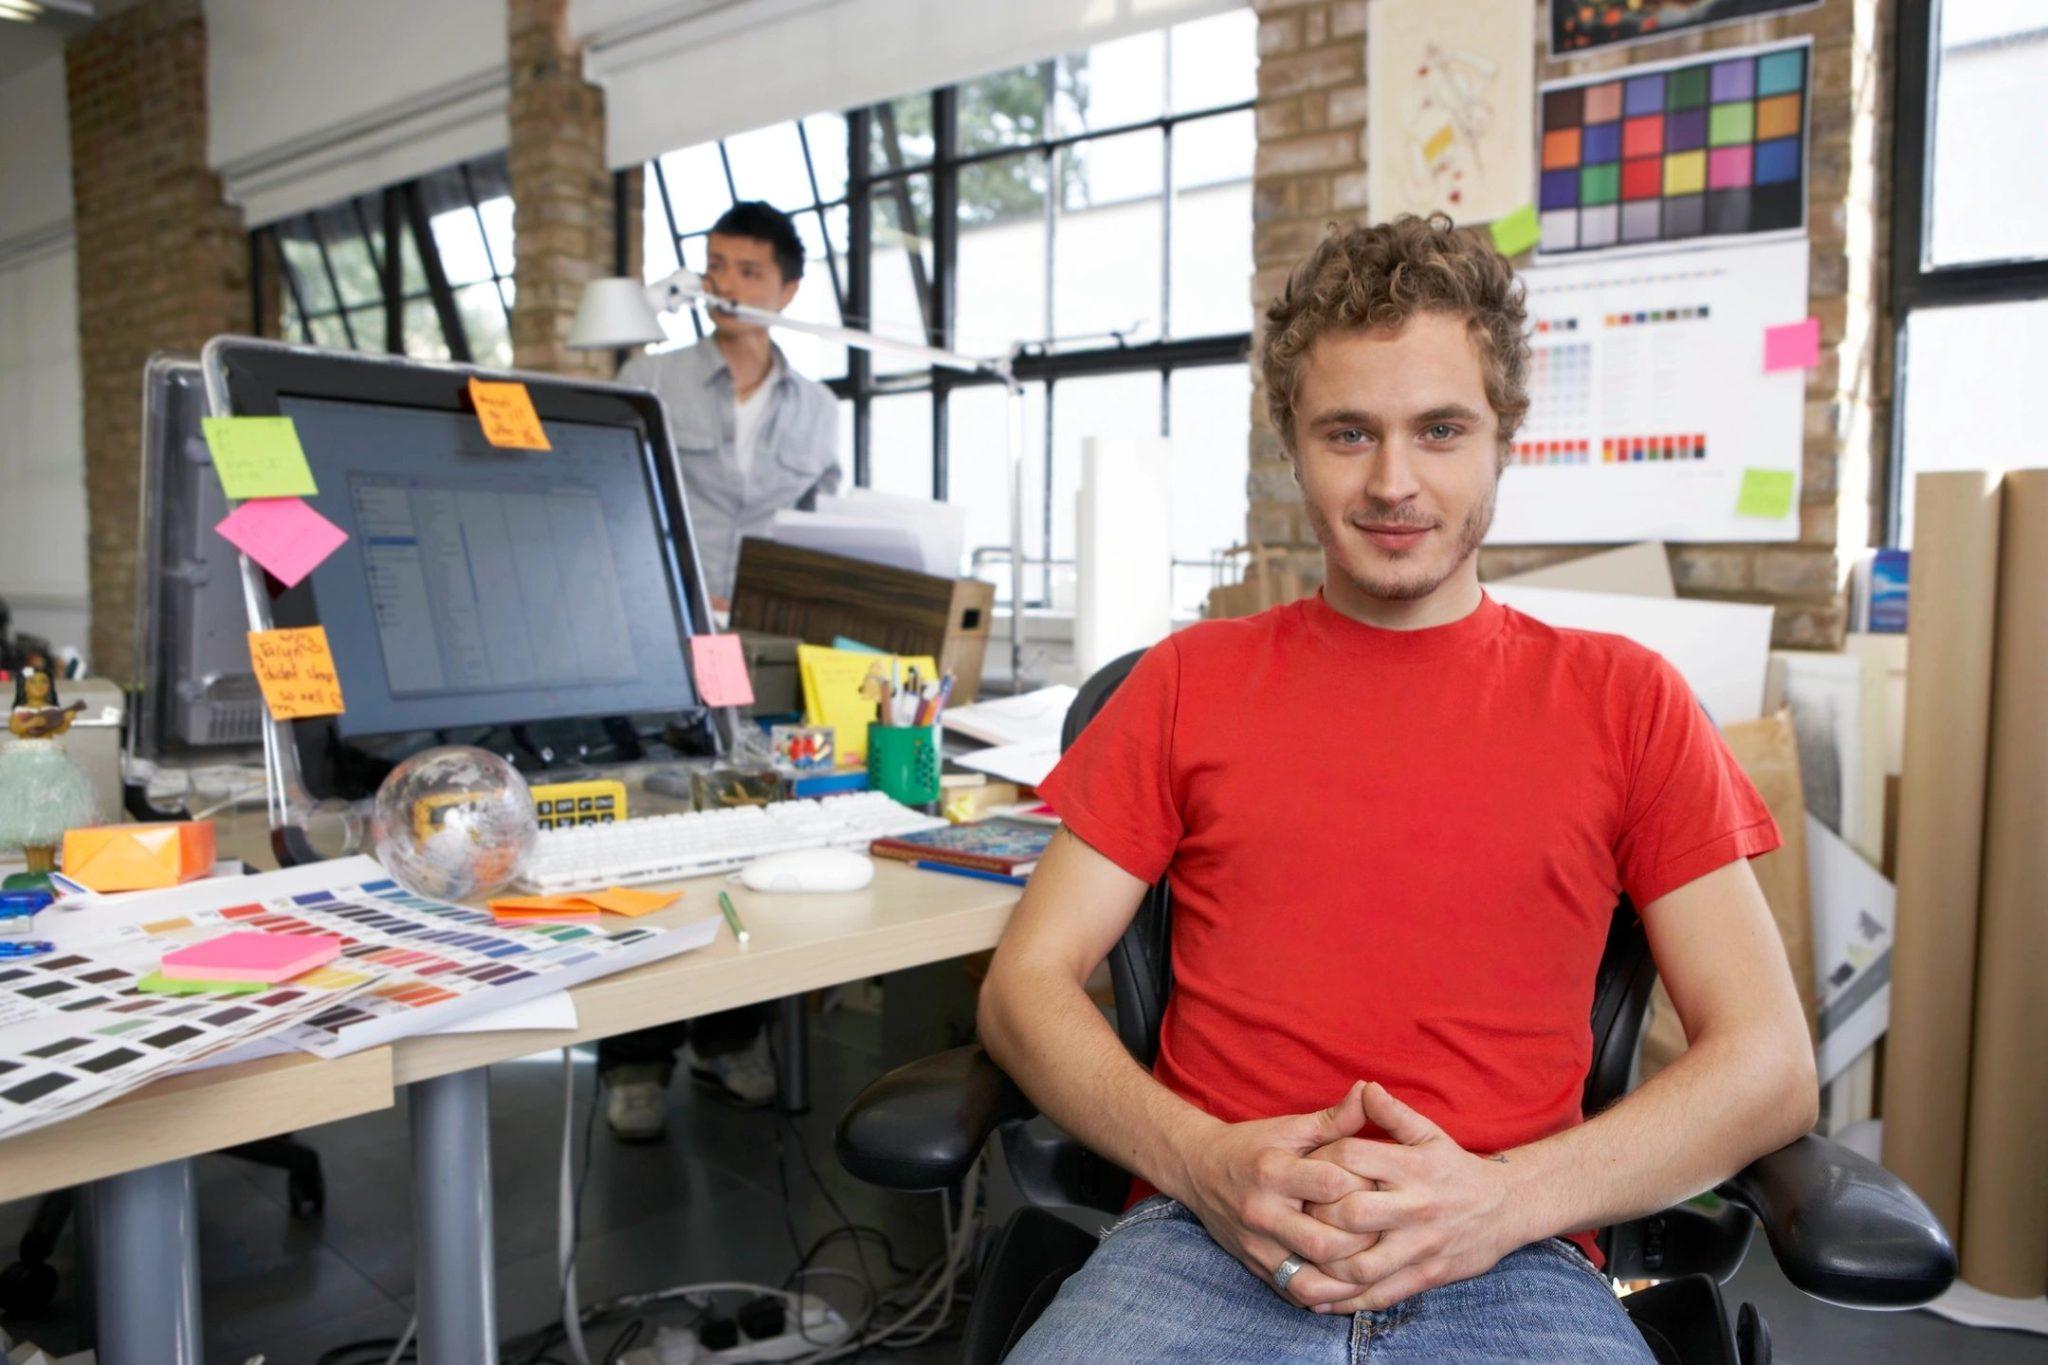 規範什麼的,對 Startup 來說重要嗎?